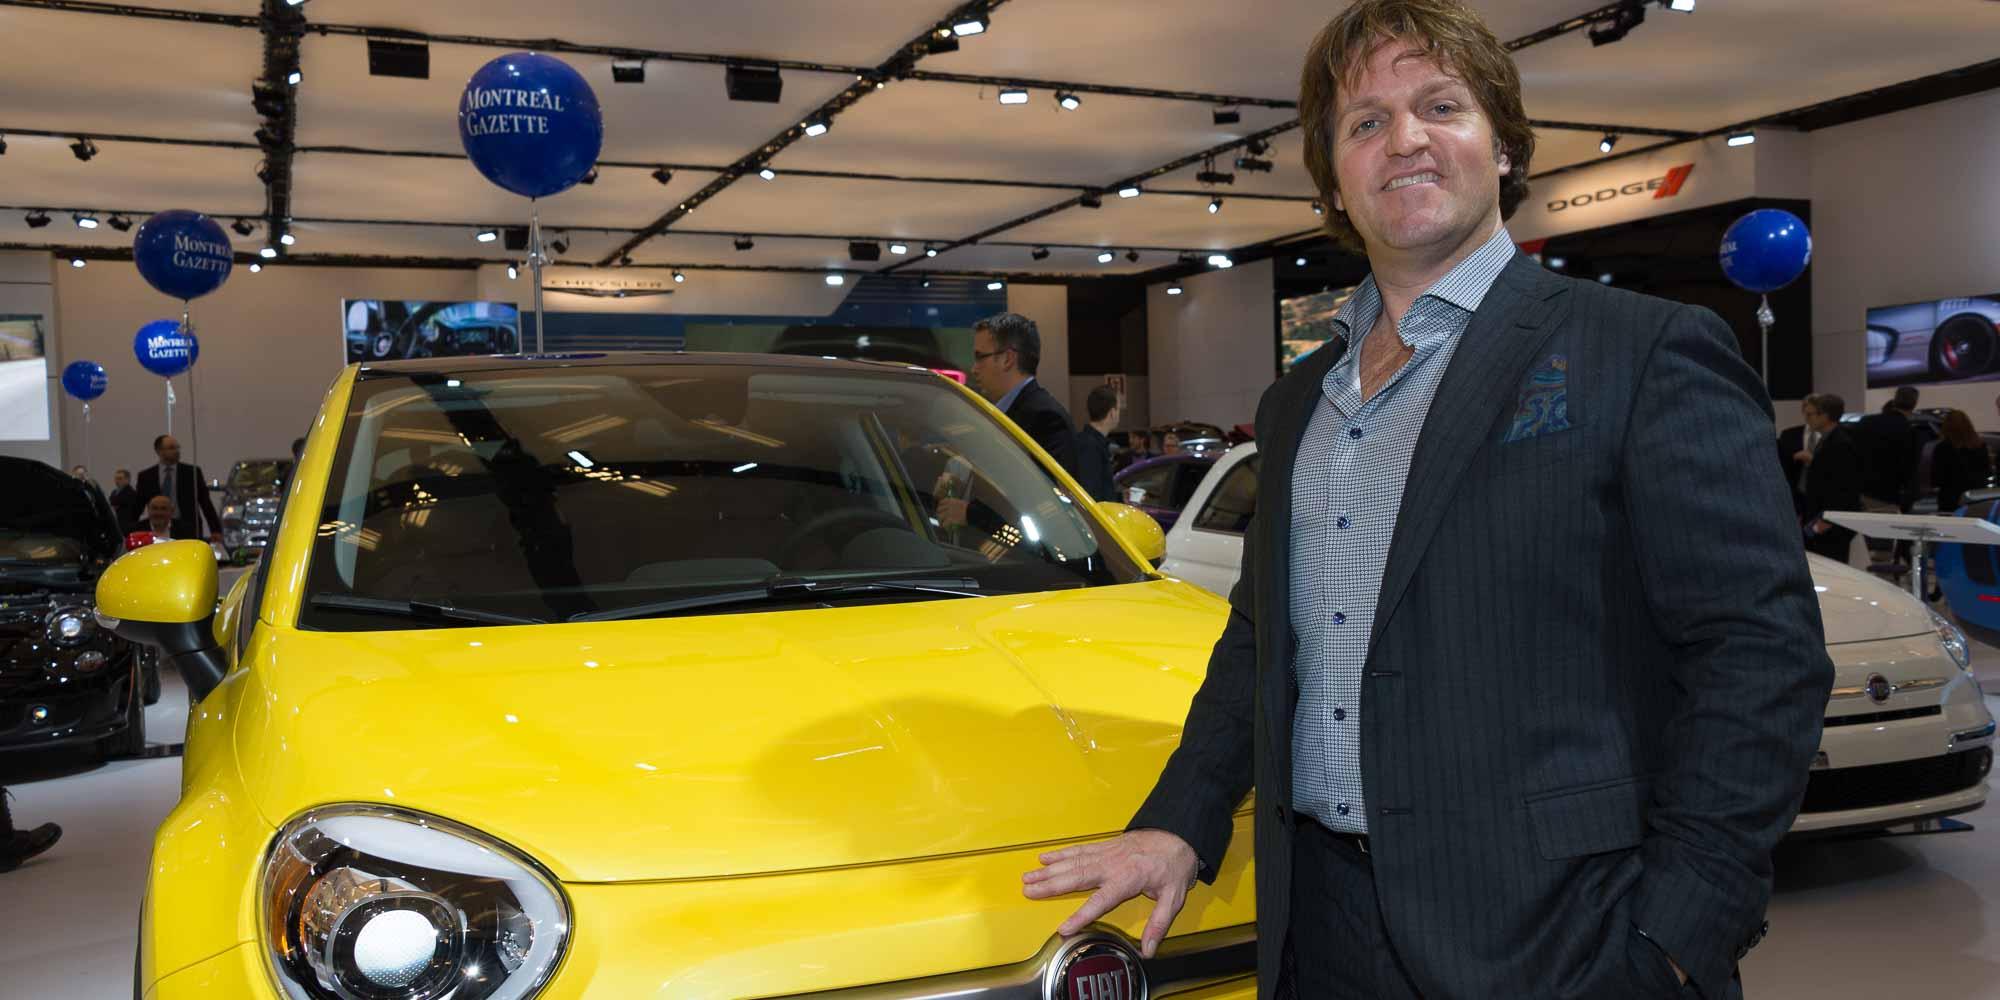 Rencontré au Salon de l'Aauto de Montréal: Sébastien Cloutier, bien connu dans les Laurentides et propriétaire de la concession Chrysler et Fiat de Saint-Jérôme.